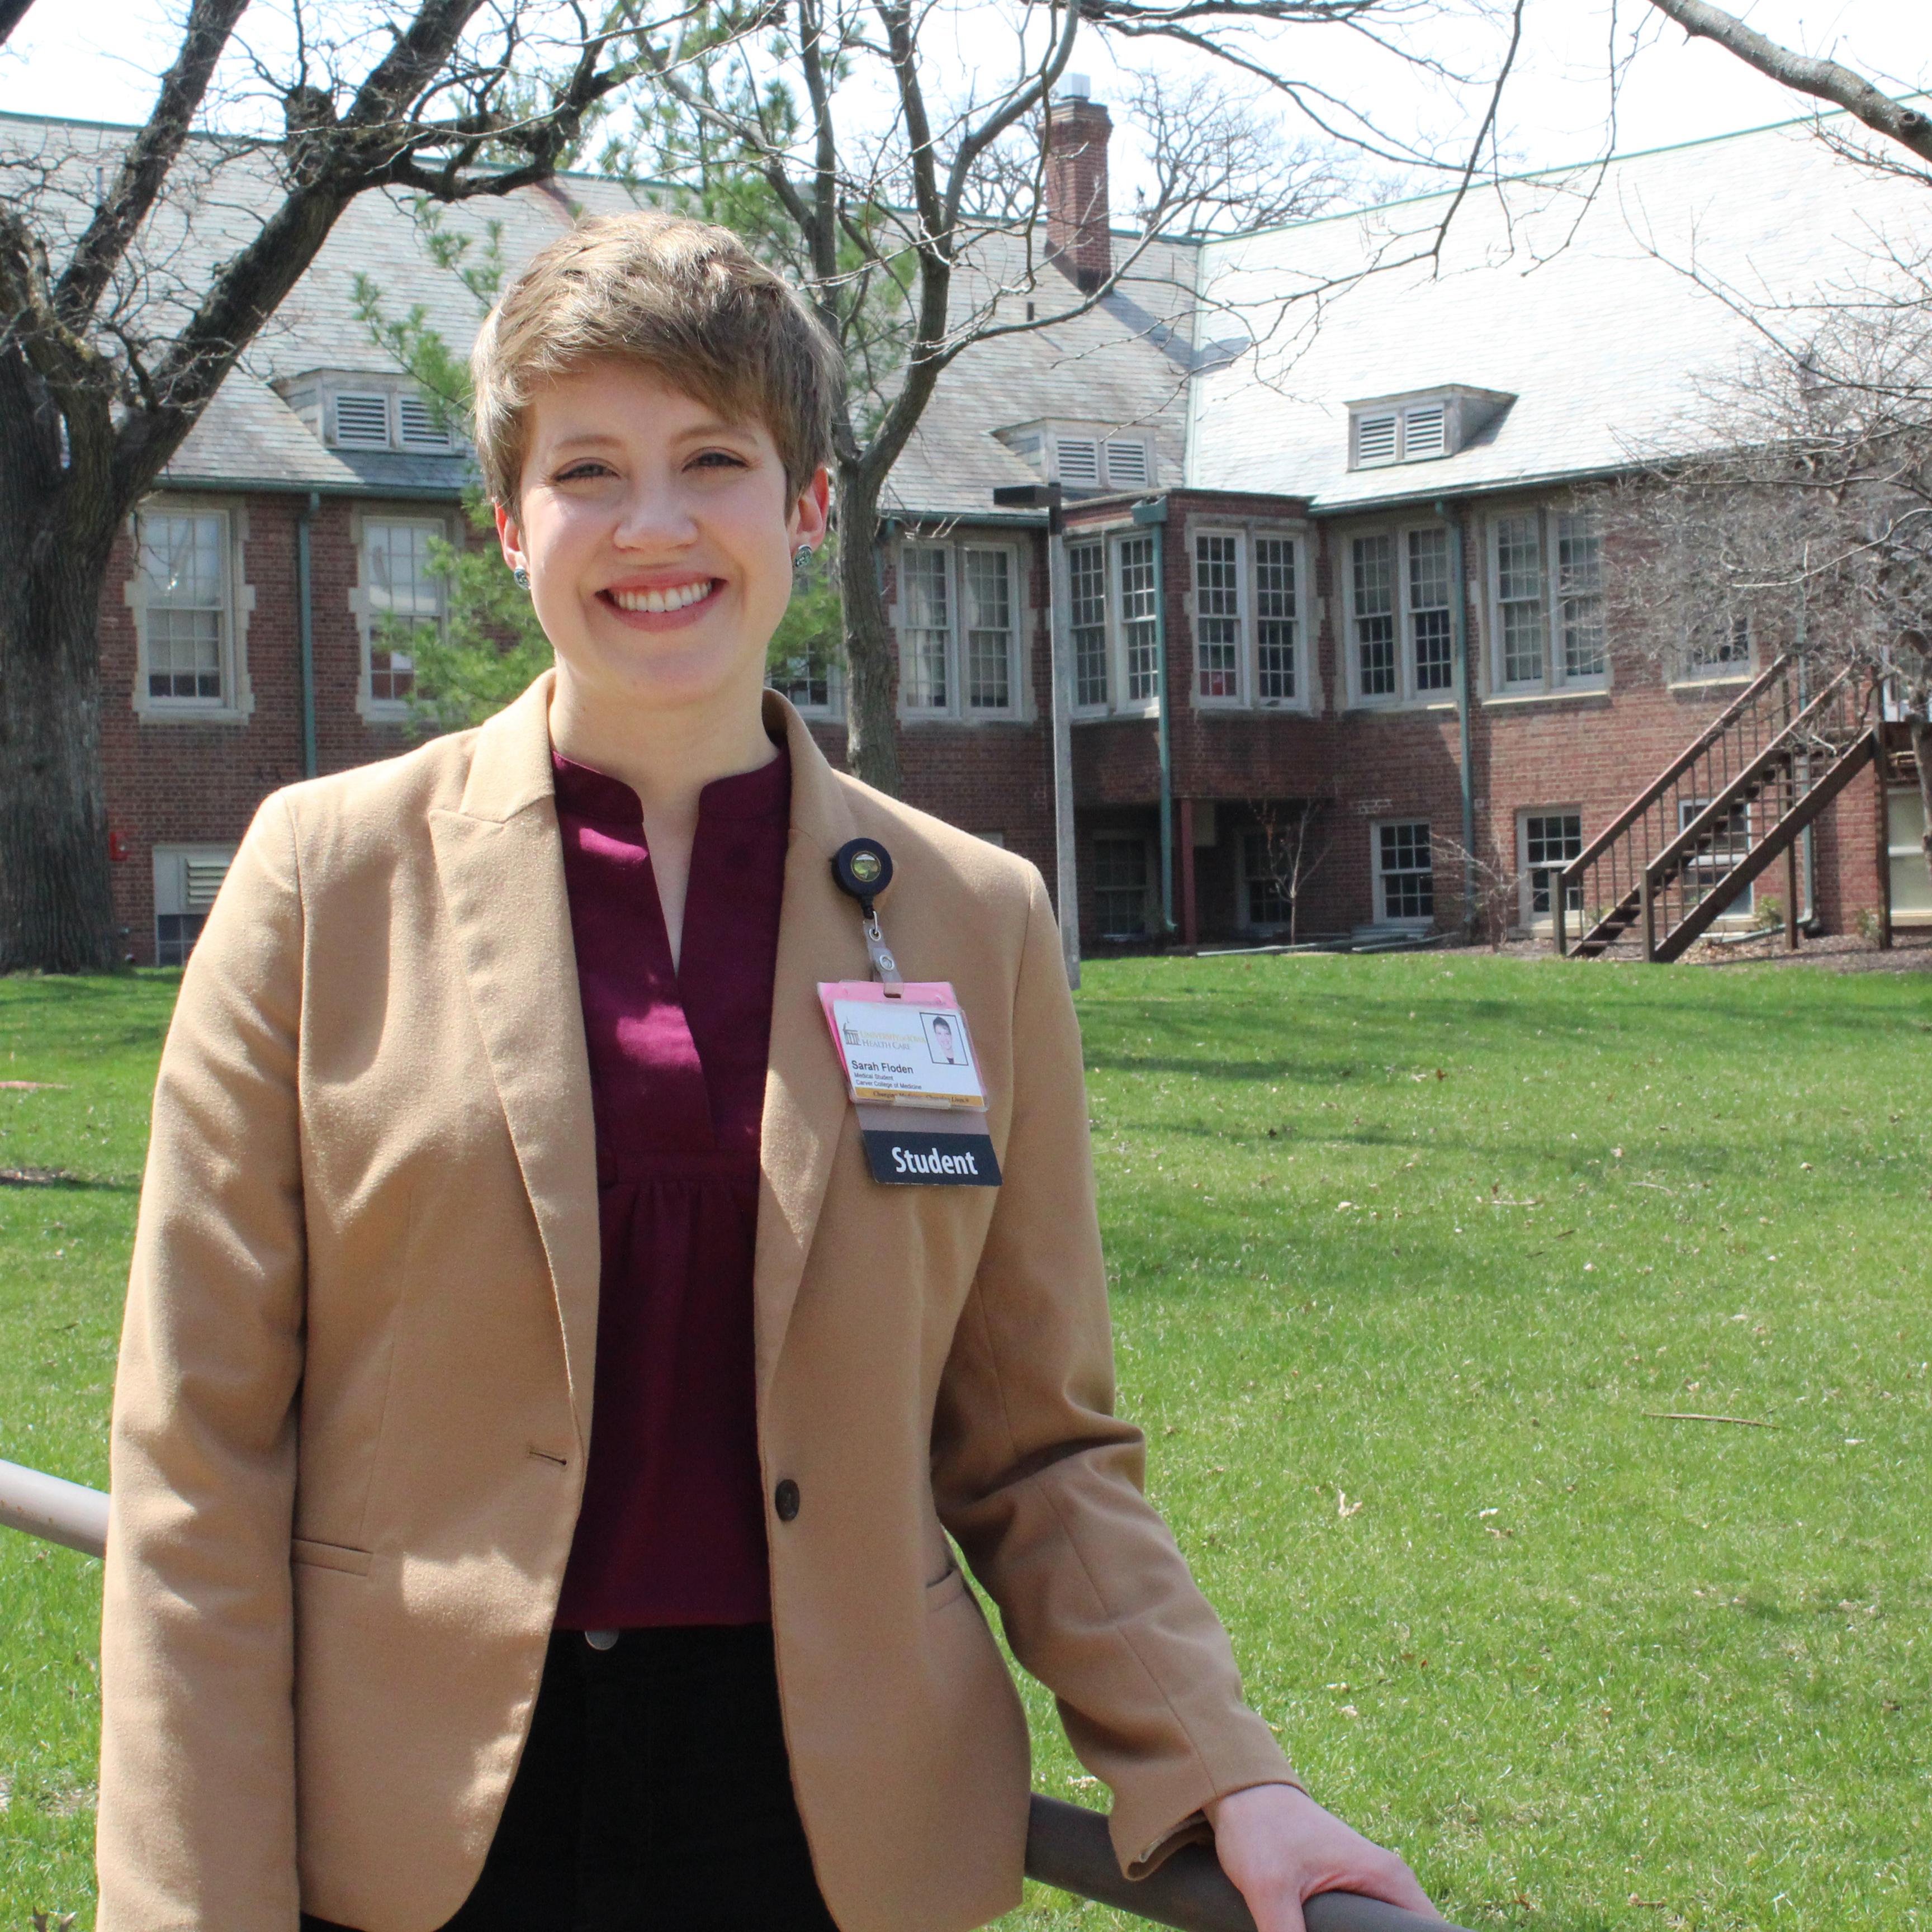 Sarah Floden